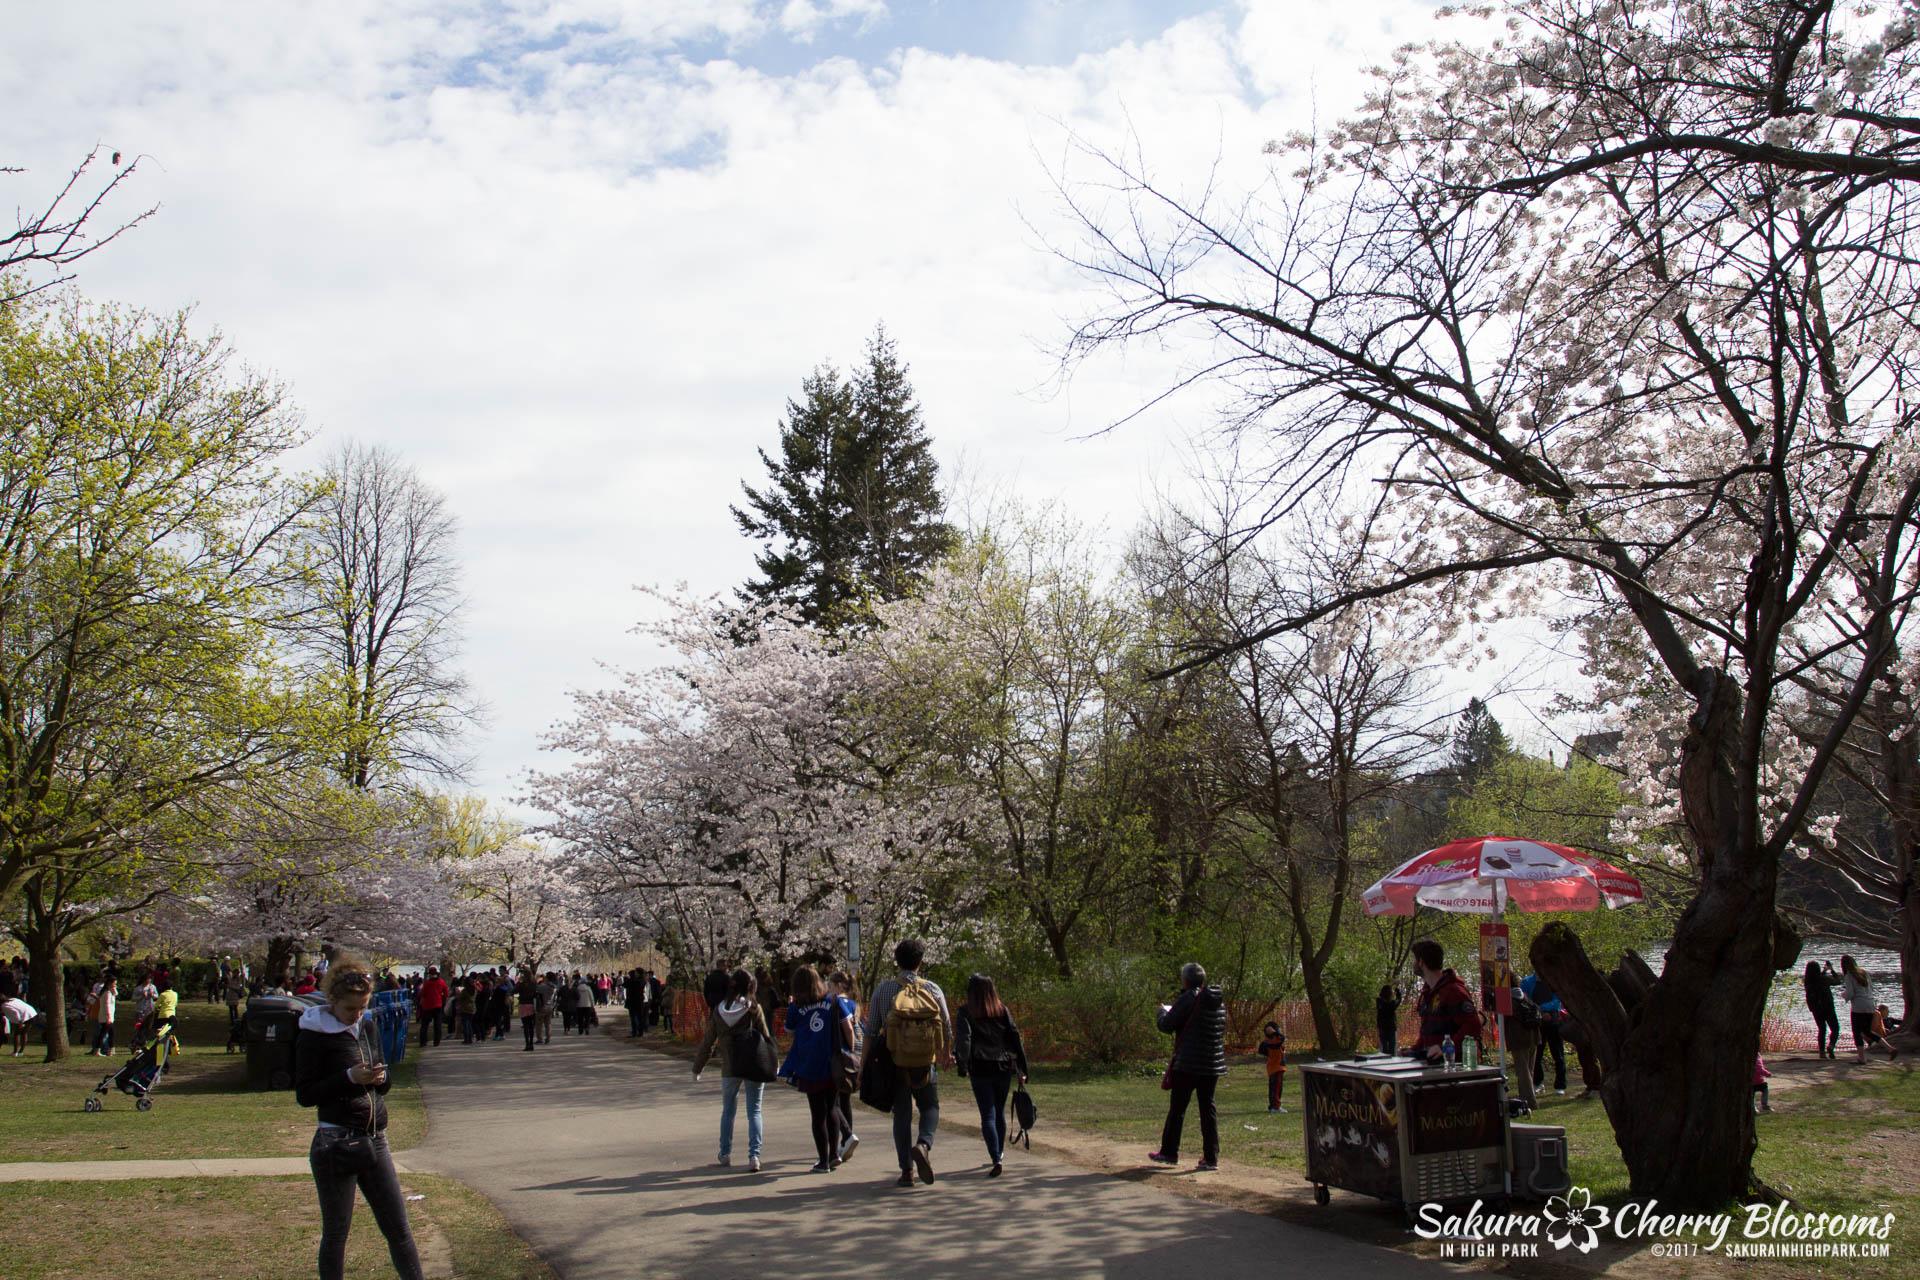 Sakura-Watch-April-28-2017-full-bloom-throughout-High-Park-5768.jpg